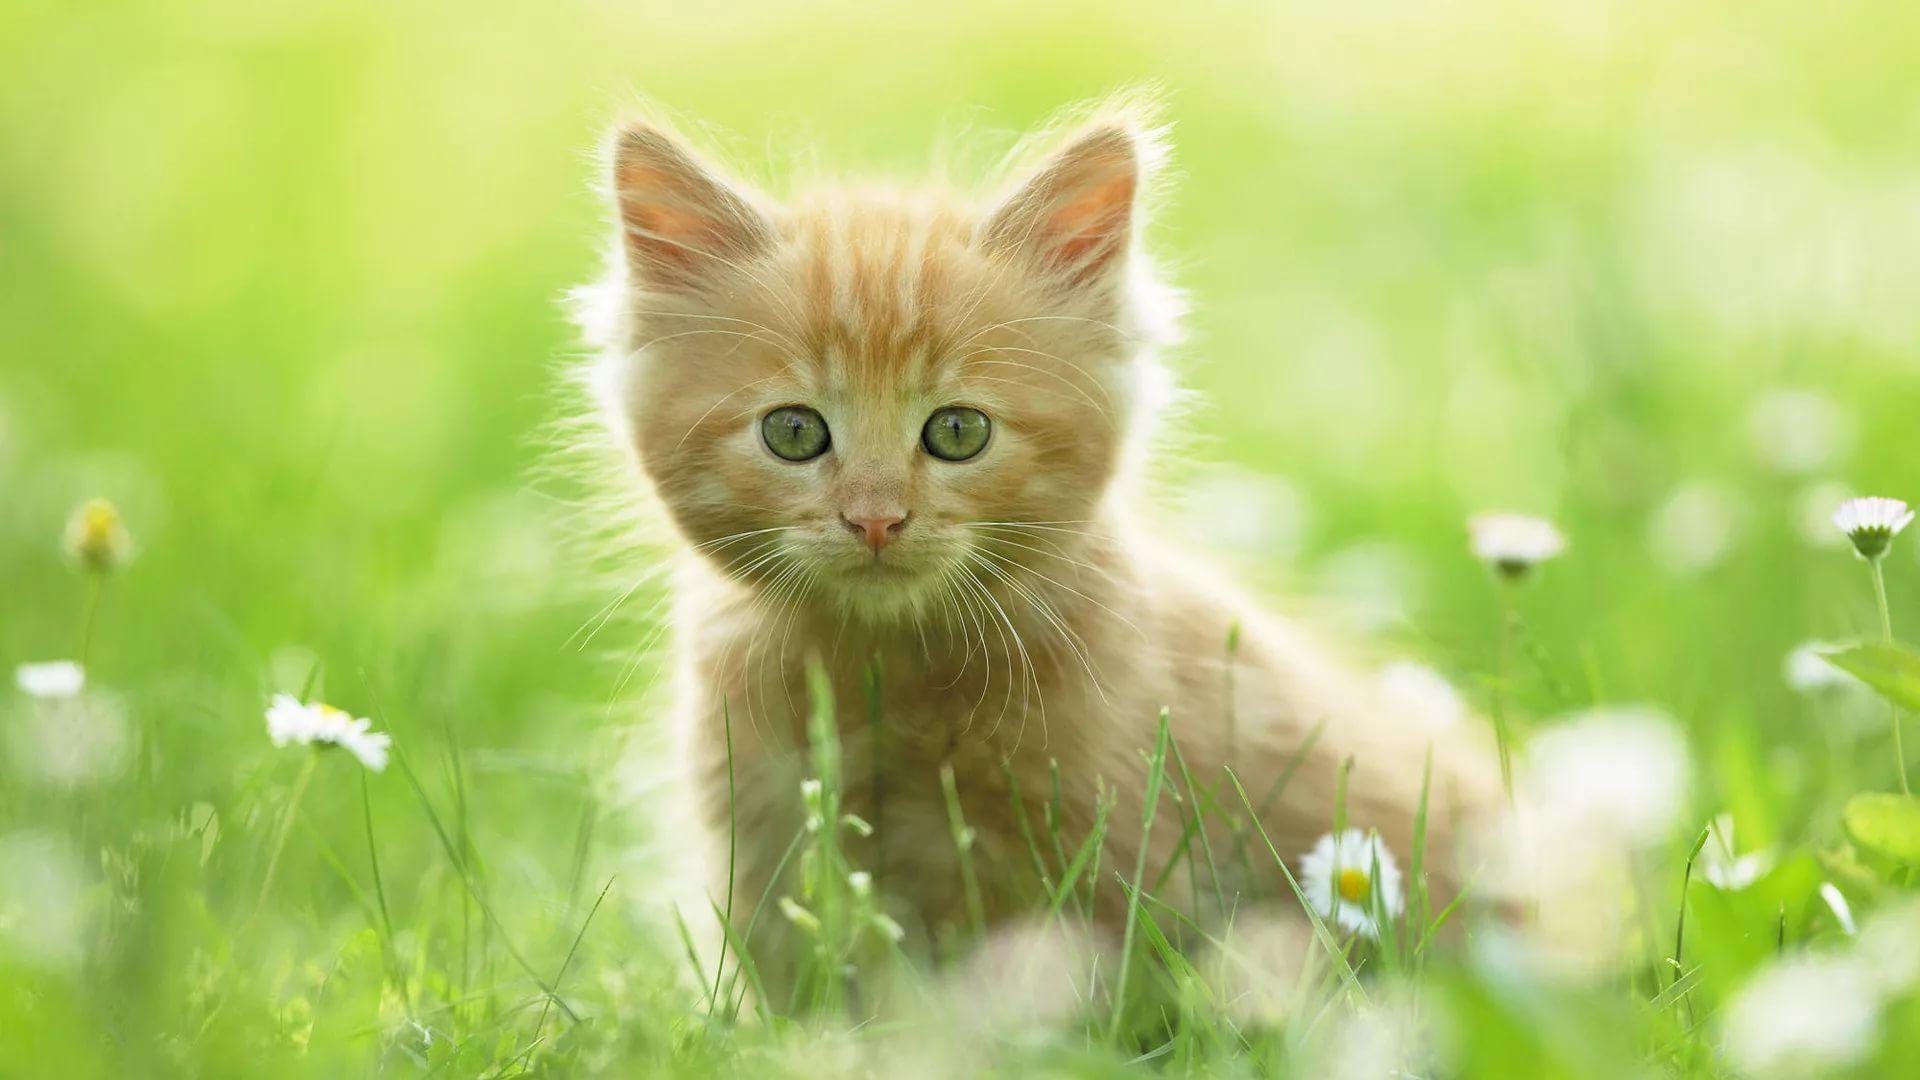 Lovely Cat wallpaper image